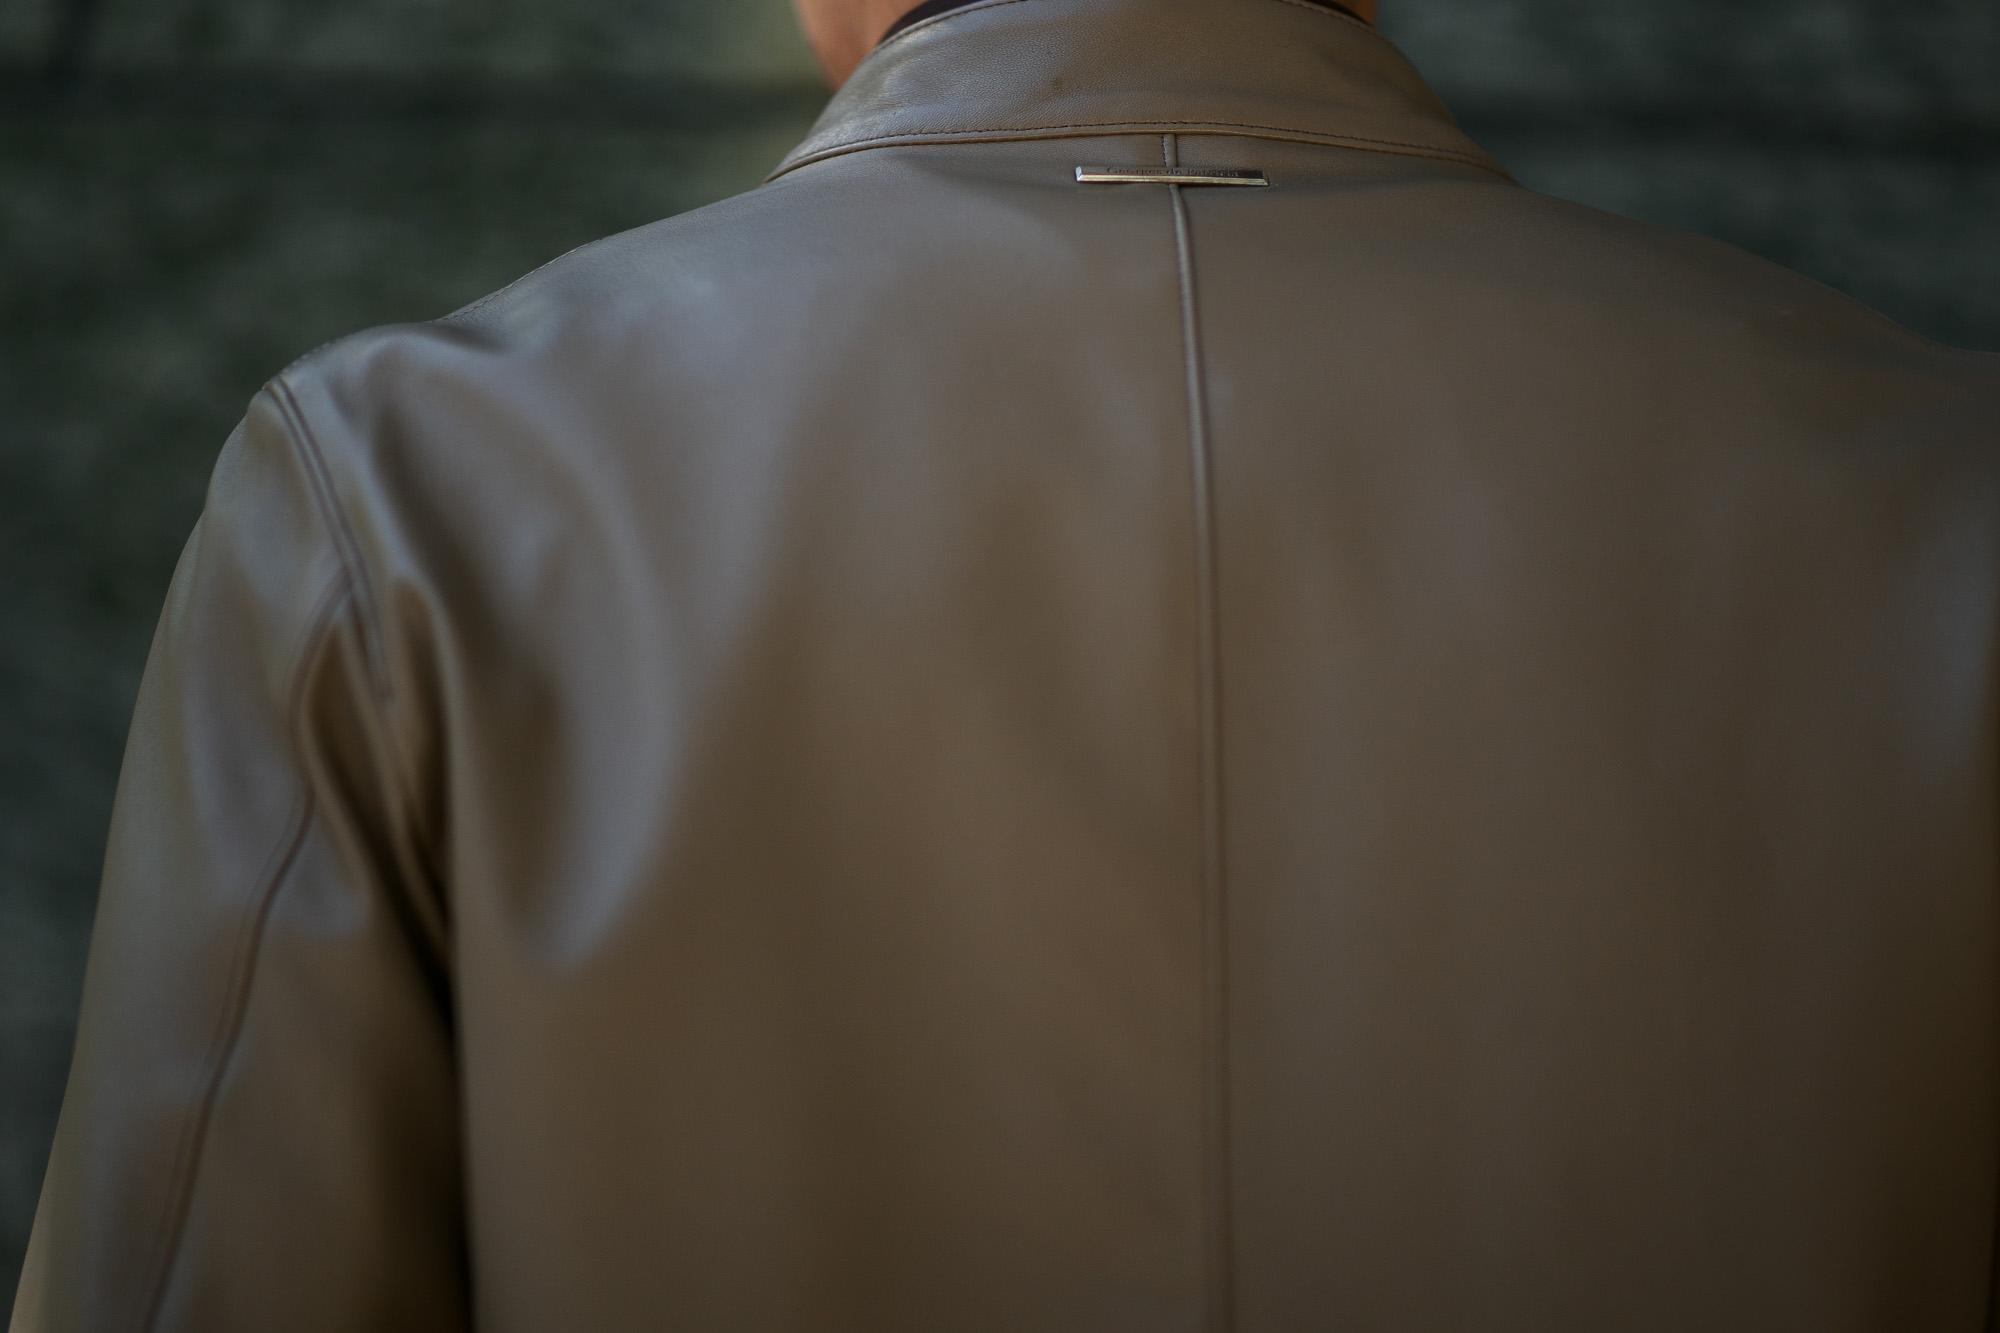 Georges de Patricia (ジョルジュ ド パトリシア) Carrera (カレラ) 925 STERLING SILVER (925 スターリングシルバー) Super Soft Sheepskin シングル ライダース ジャケット GREGE (グレージュ) 2019 春夏新作 【限定スペシャルカラー】【第2便ご予約受付中】georgesdepatricia ジョルジュドパトリシア カレラ ポルシェ  愛知 alto e diritto アルトエデリット altoediritto